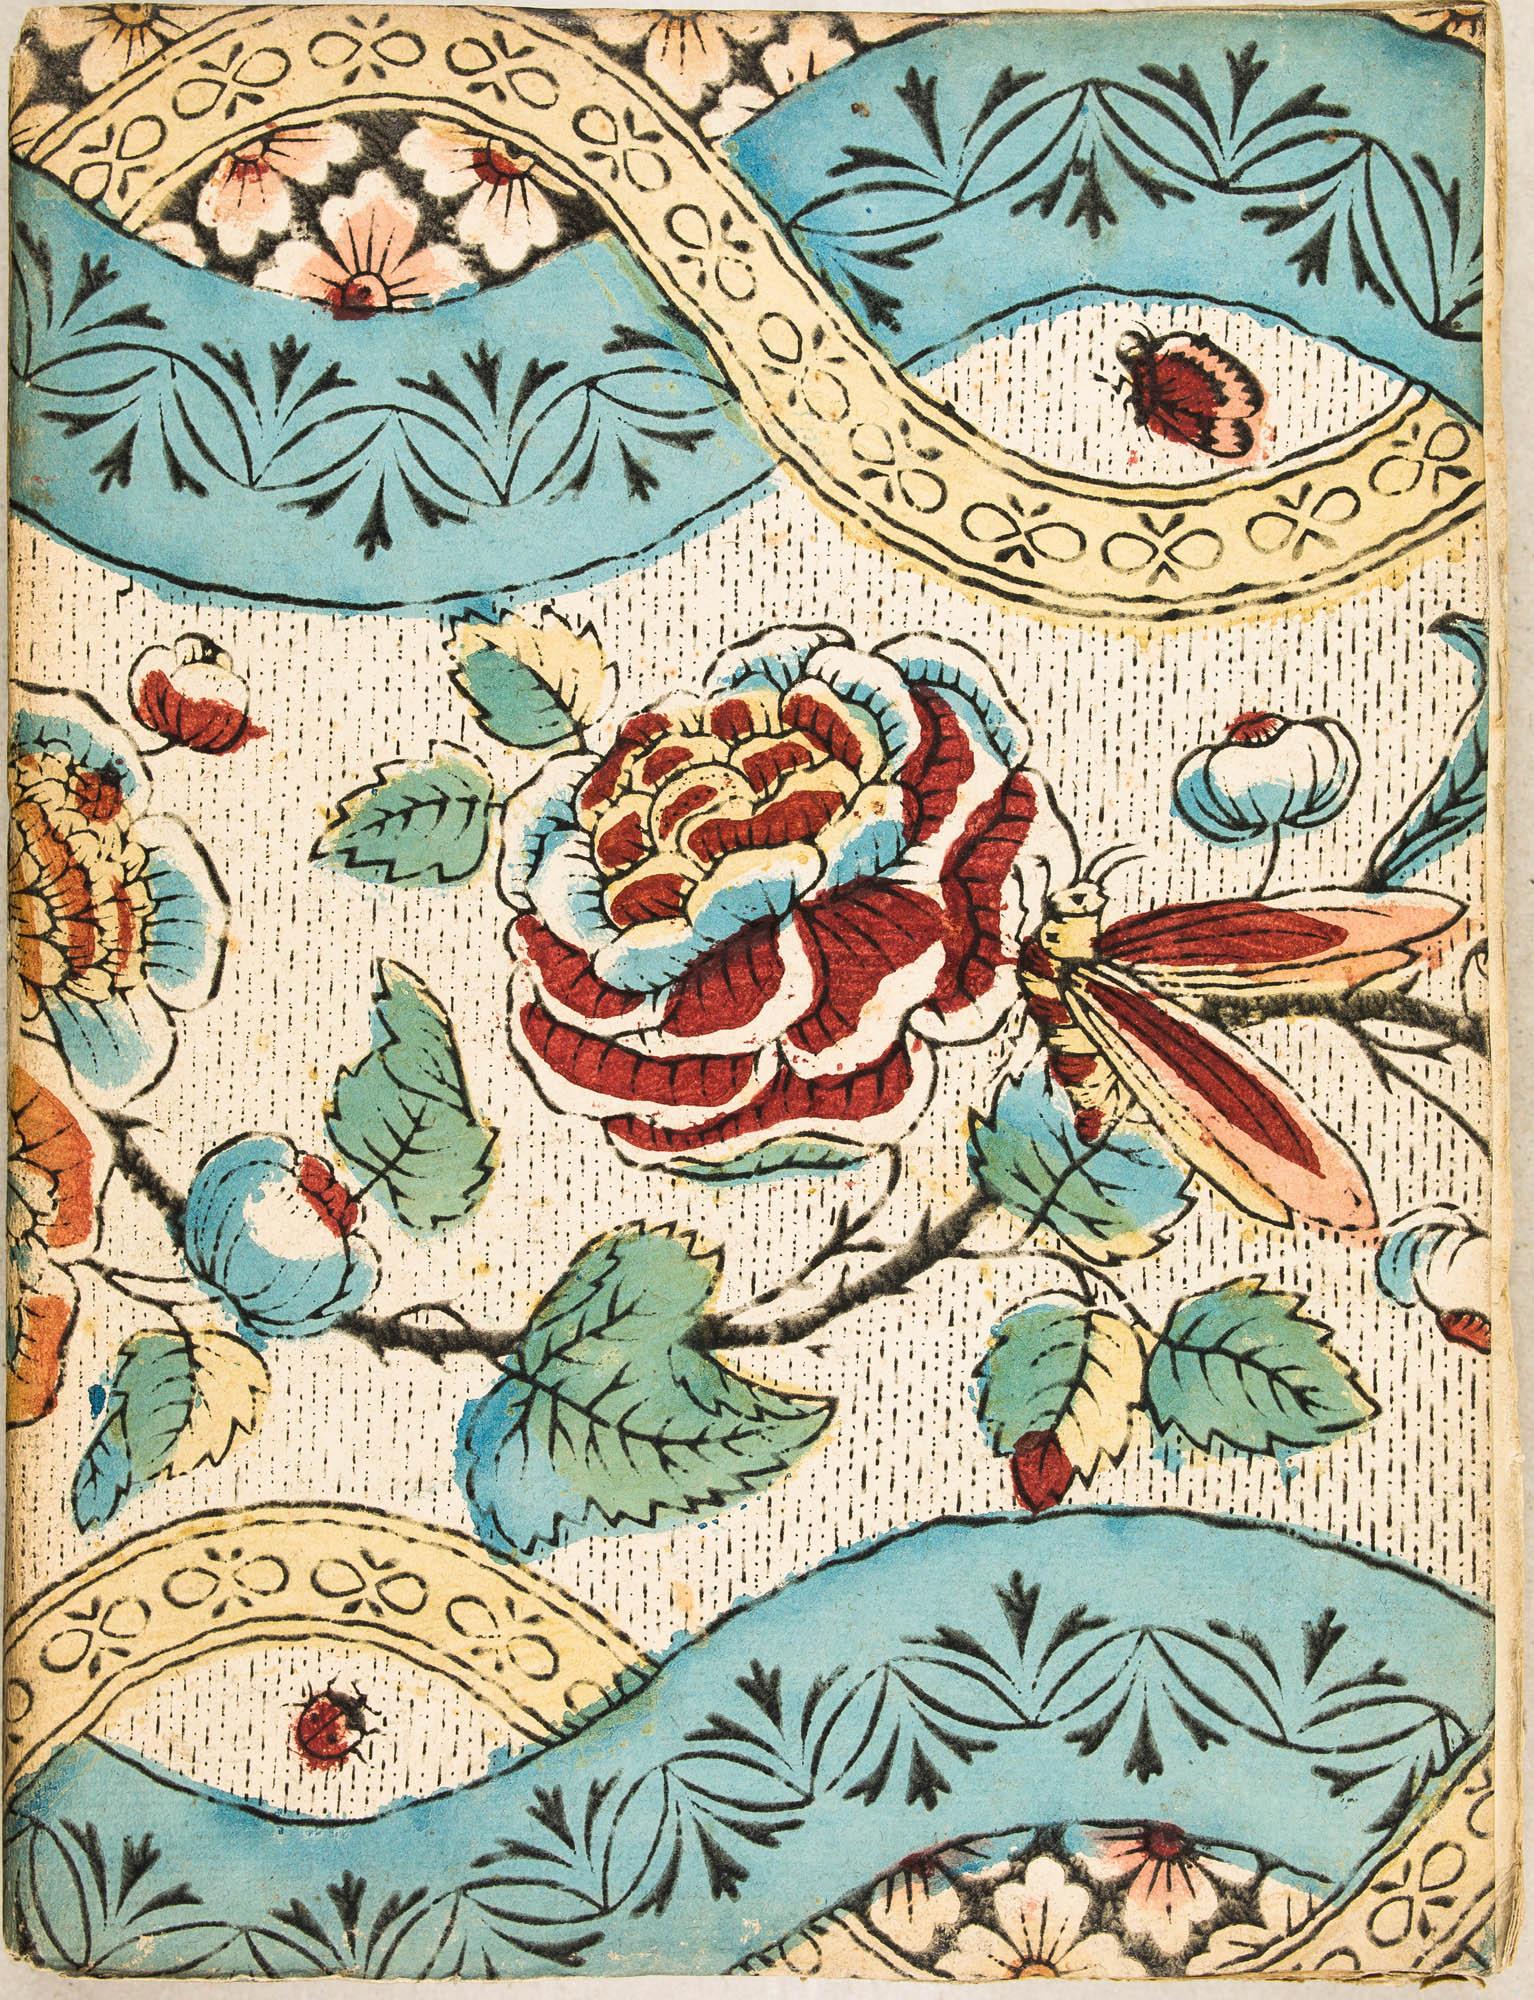 Impression en noir. Rouge, bleu, vert et jaune au pochoir. Cahier d'étudiant de l'Université de Pont-à-Mousson. XVIIIe s.